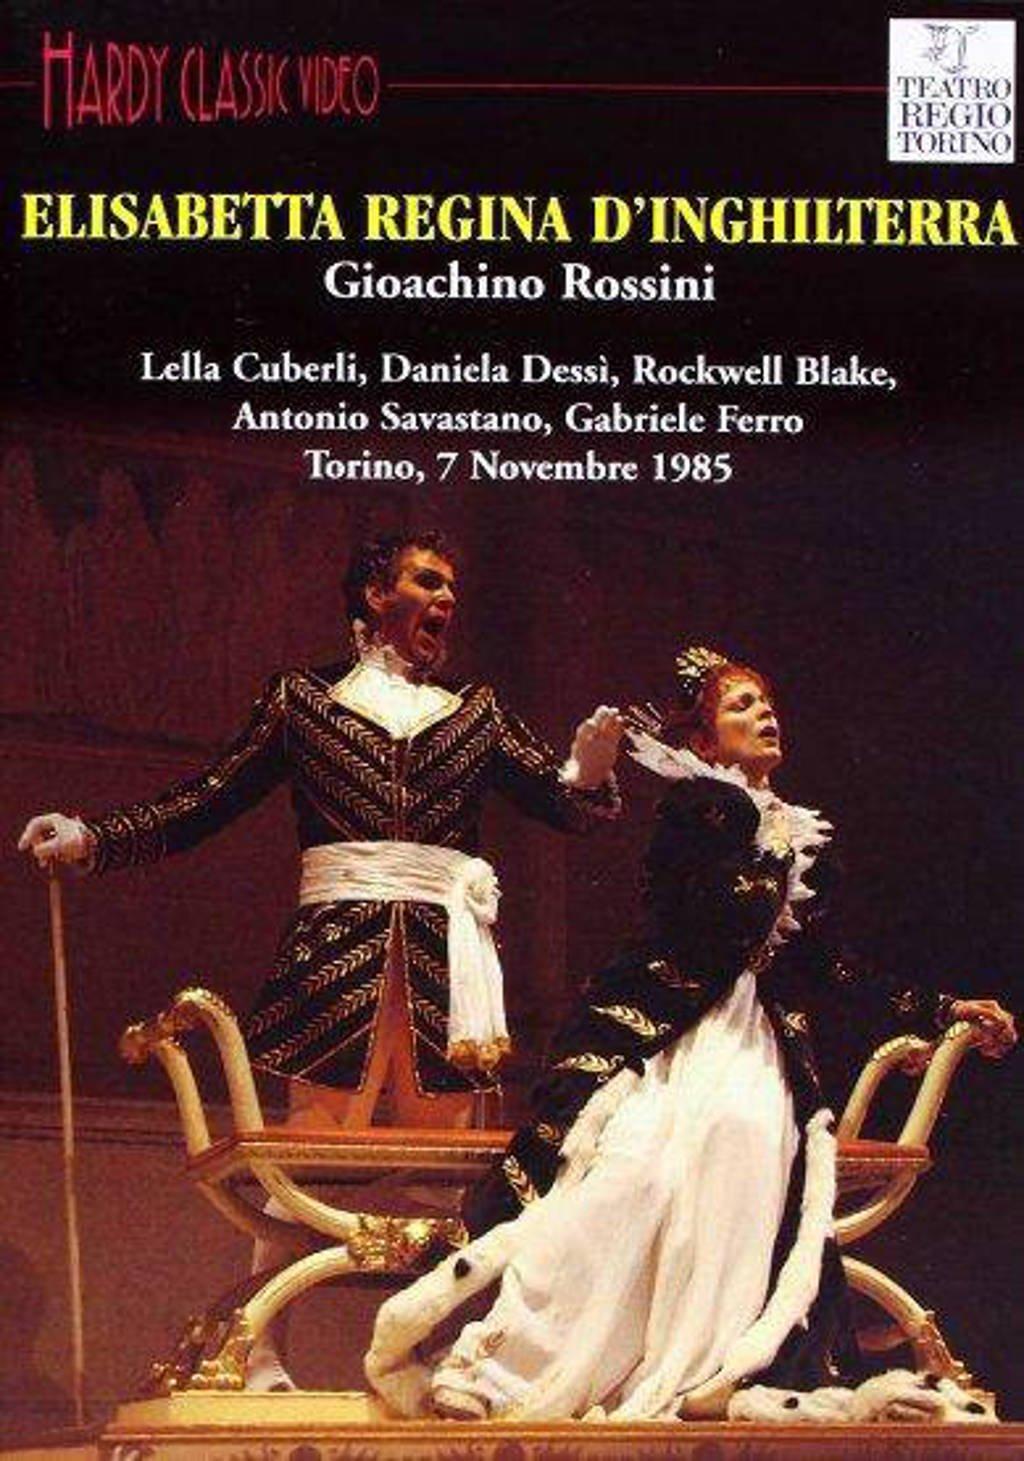 Elisabetta Regina D Inghilterra - Lella Cuberli, Daniela Dessi, Rockw (DVD)